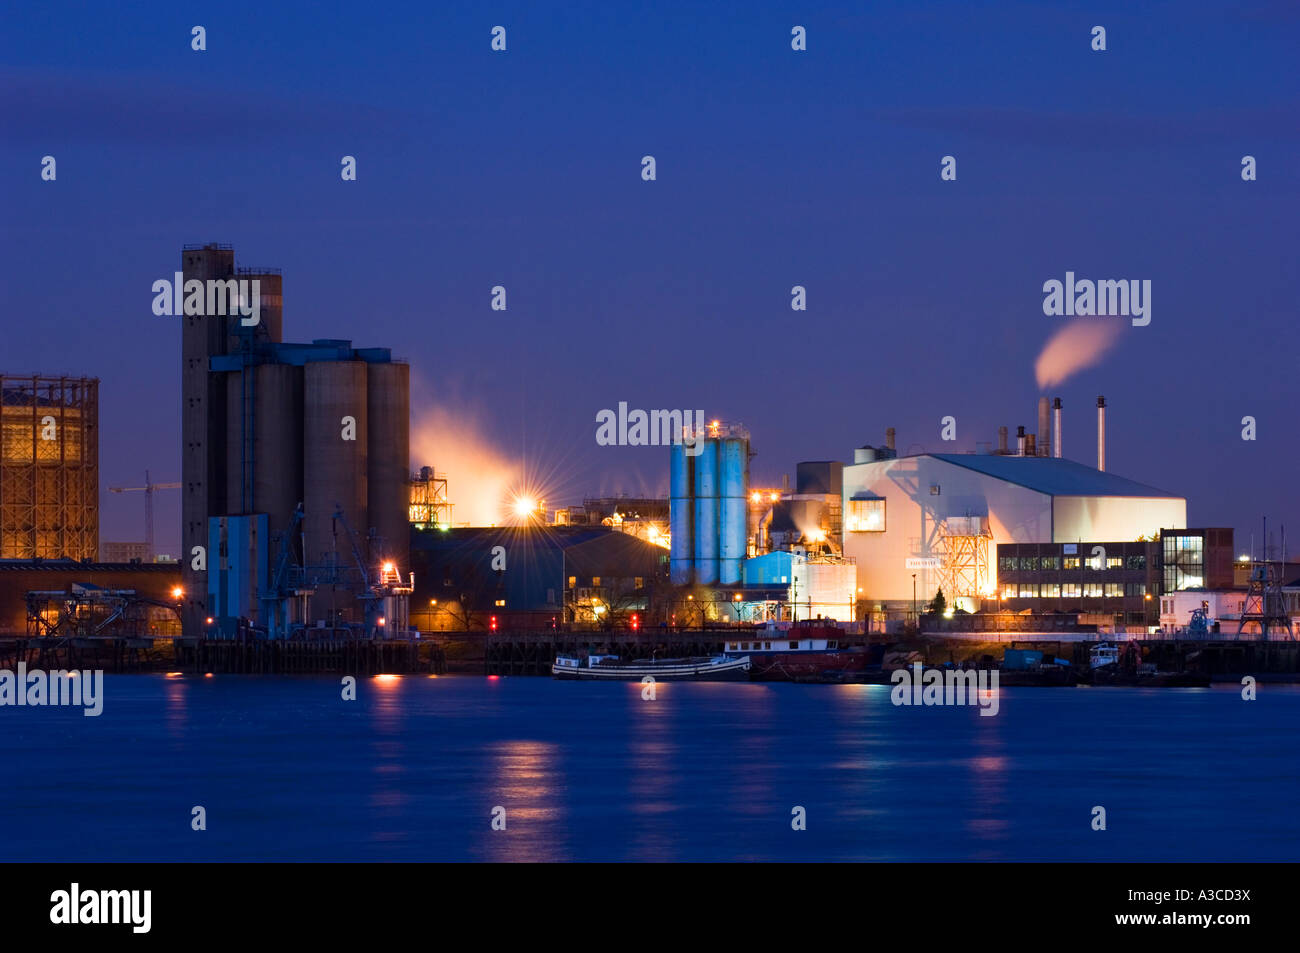 Tate y Lyle fábrica de azúcar; Greenwich; noche;Londres; Inglaterra; uk; Foto de stock